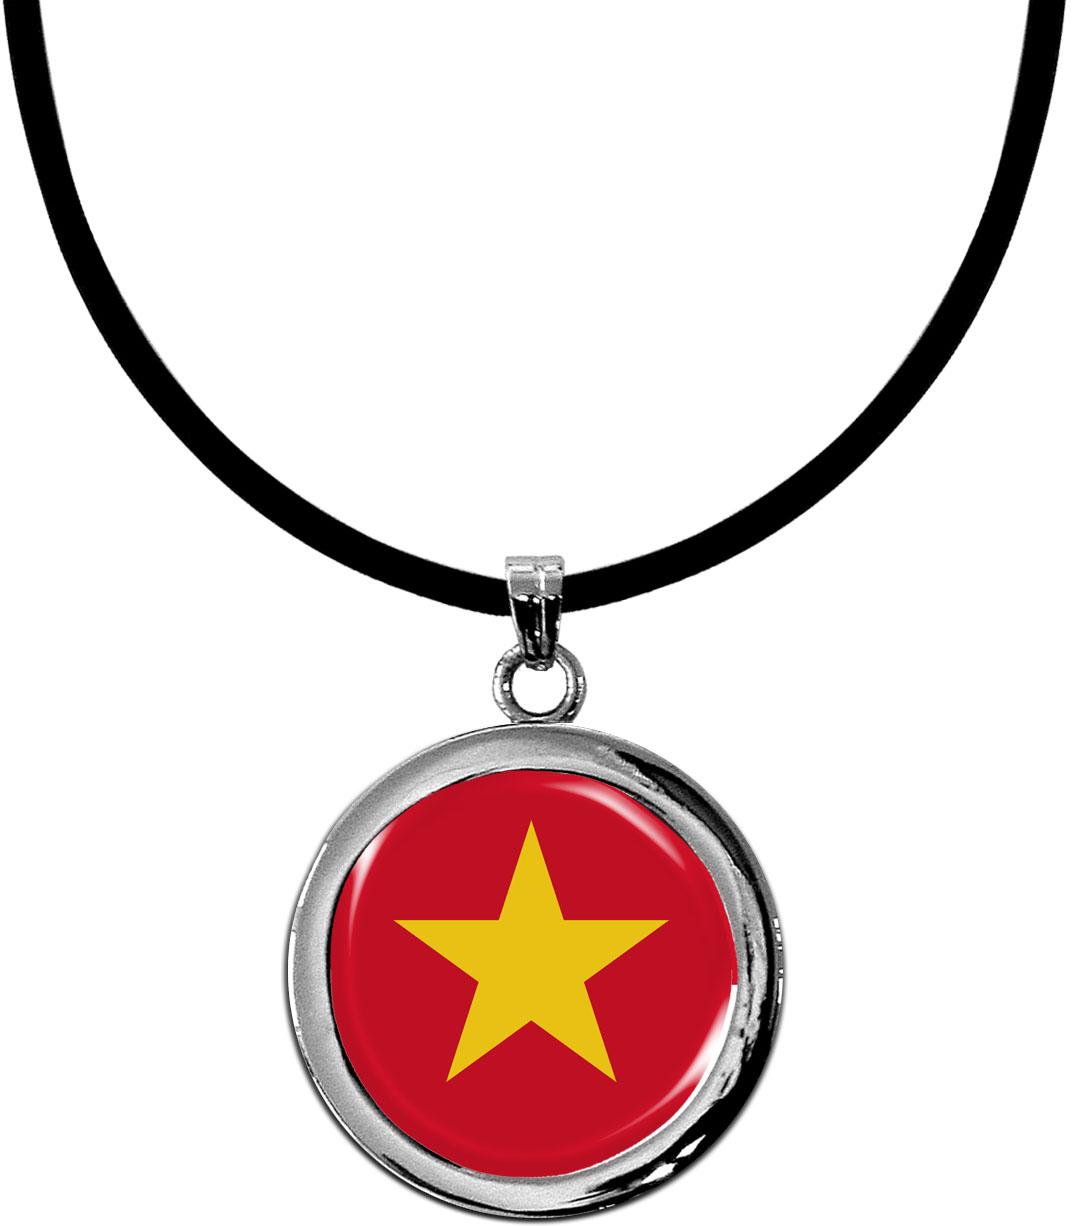 Kettenanhänger / Vietnam / Silikonband mit Silberverschluss